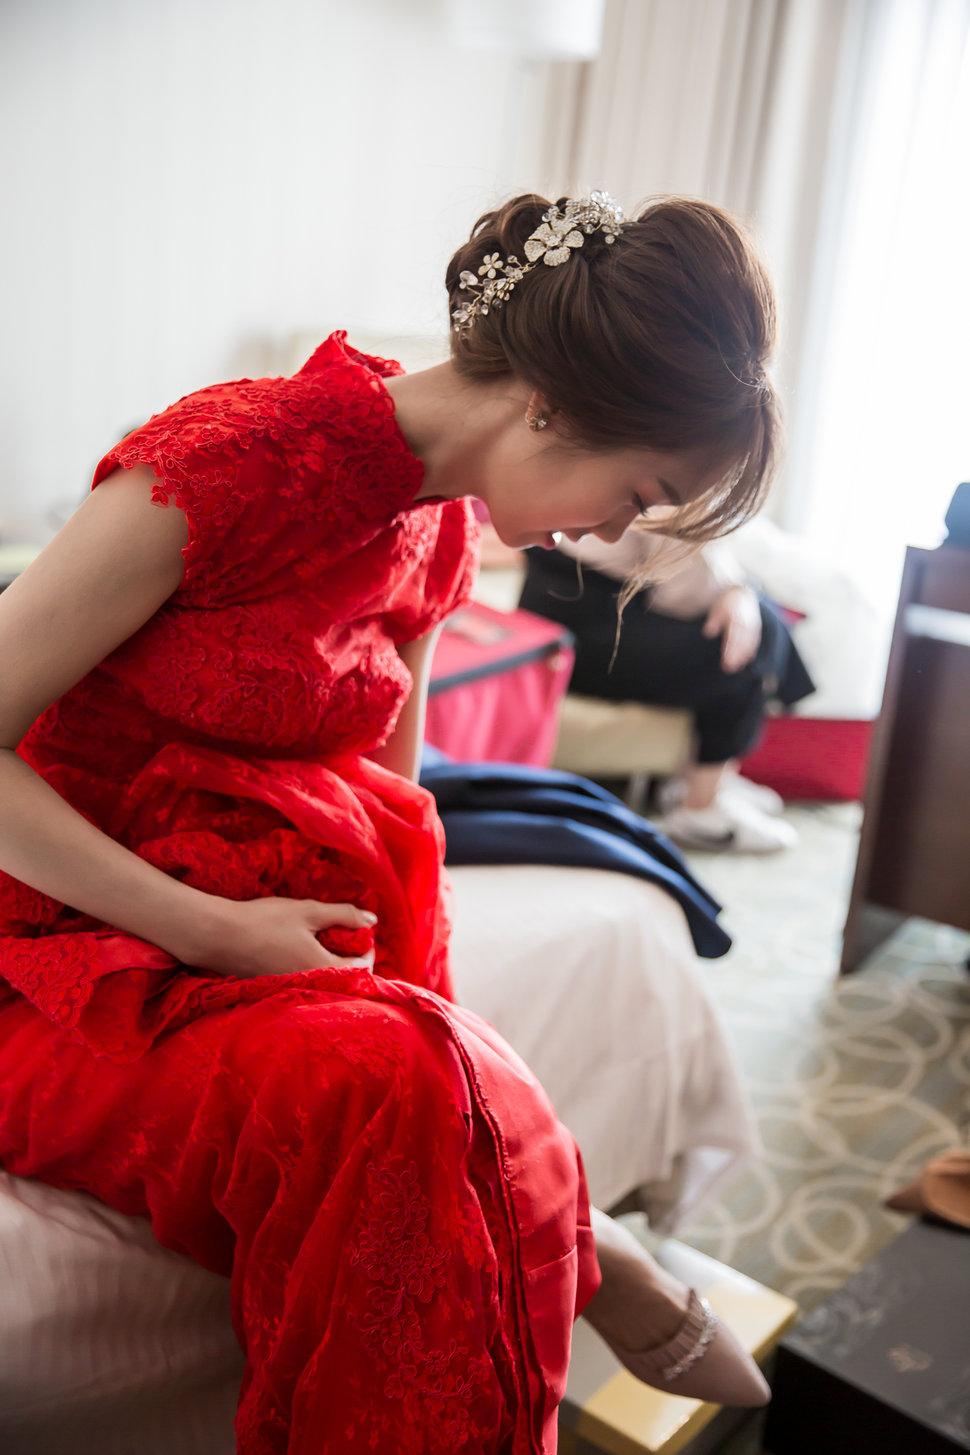 台南長榮酒店 (30) - J-Love 婚禮攝影團隊《結婚吧》